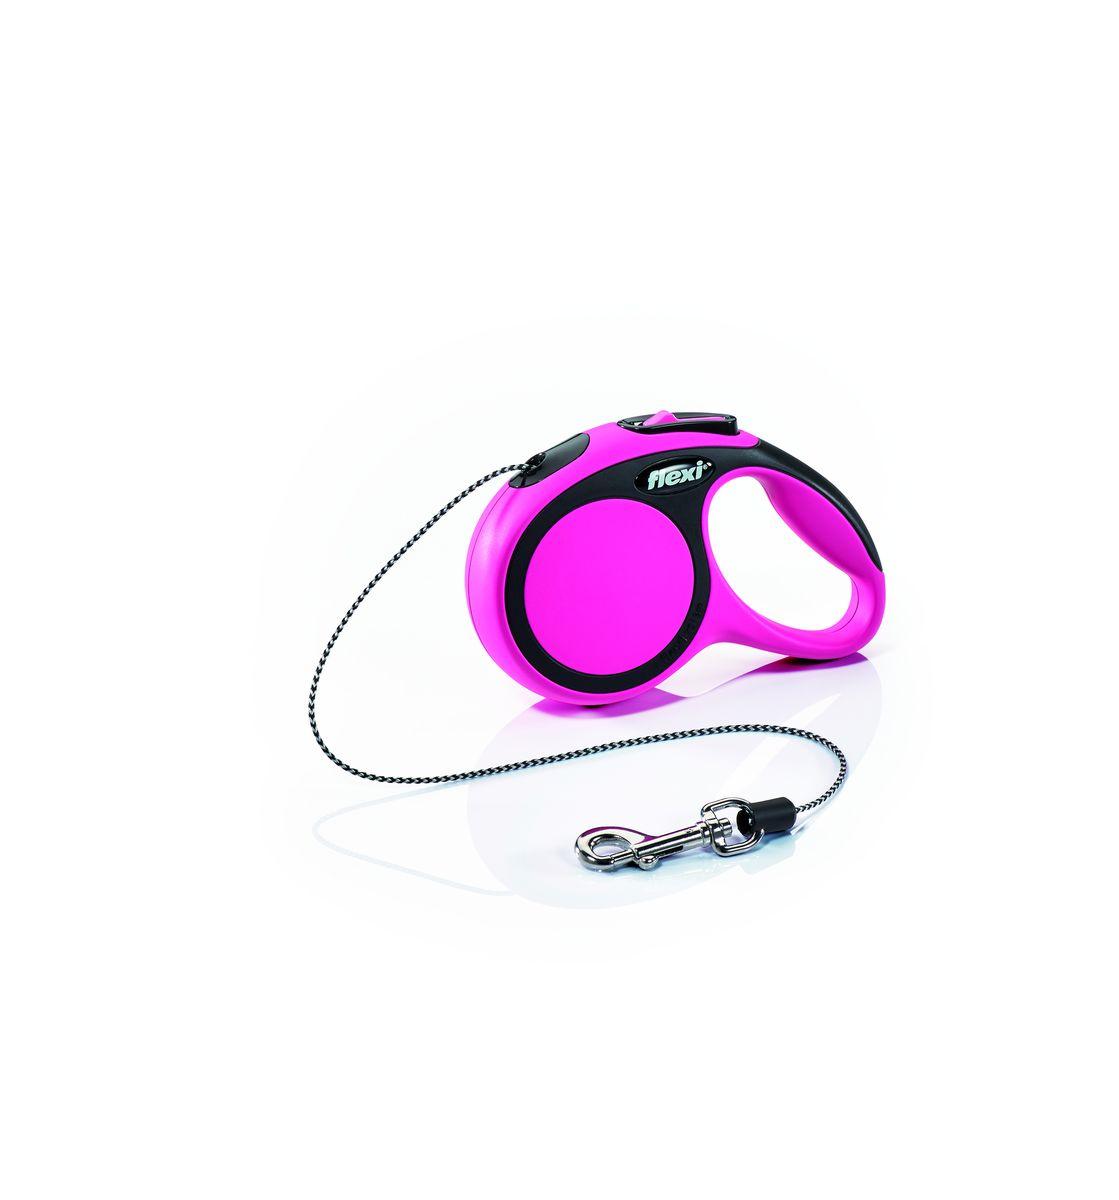 """Поводок-рулетка Flexi """"New Comfort"""", трос, для собак весом до 8 кг, цвет: черный, розовый, 3 м. Размер XS"""